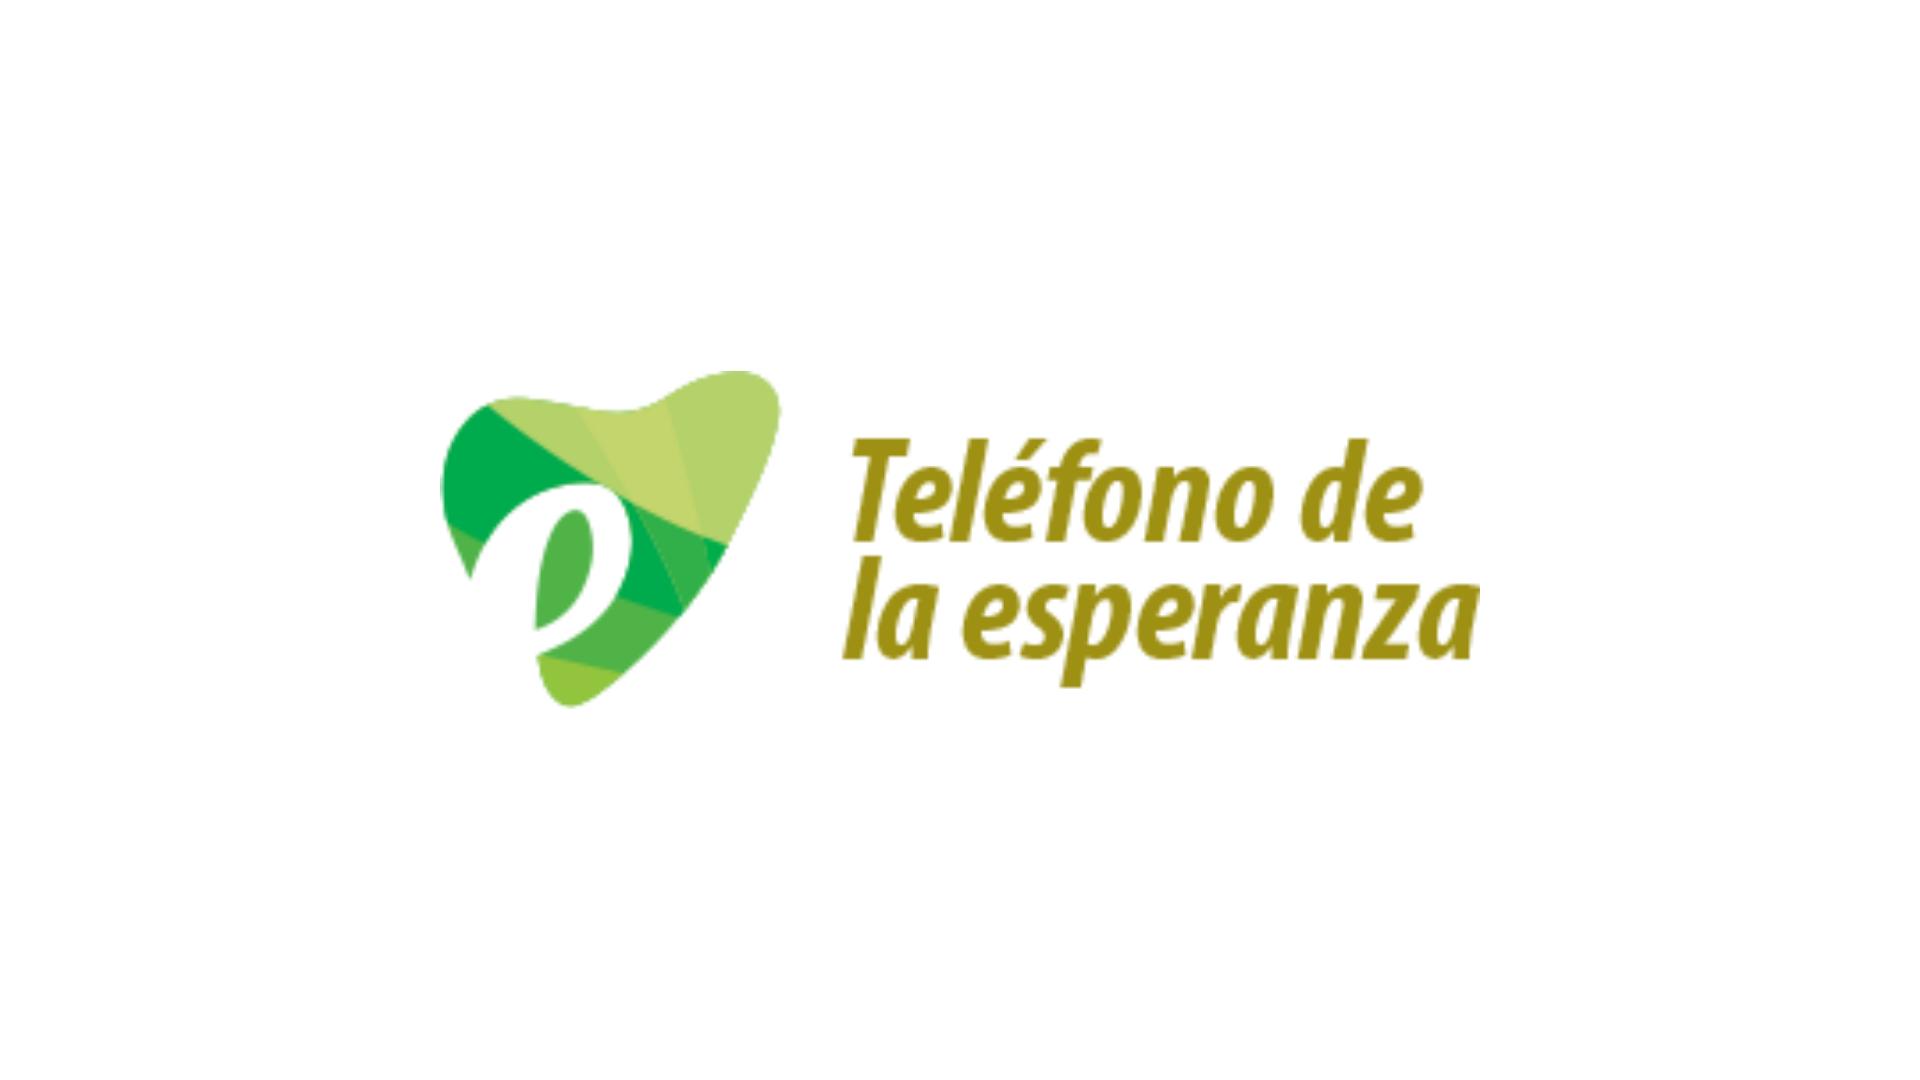 Telephono de la Esperanza  (Spain)